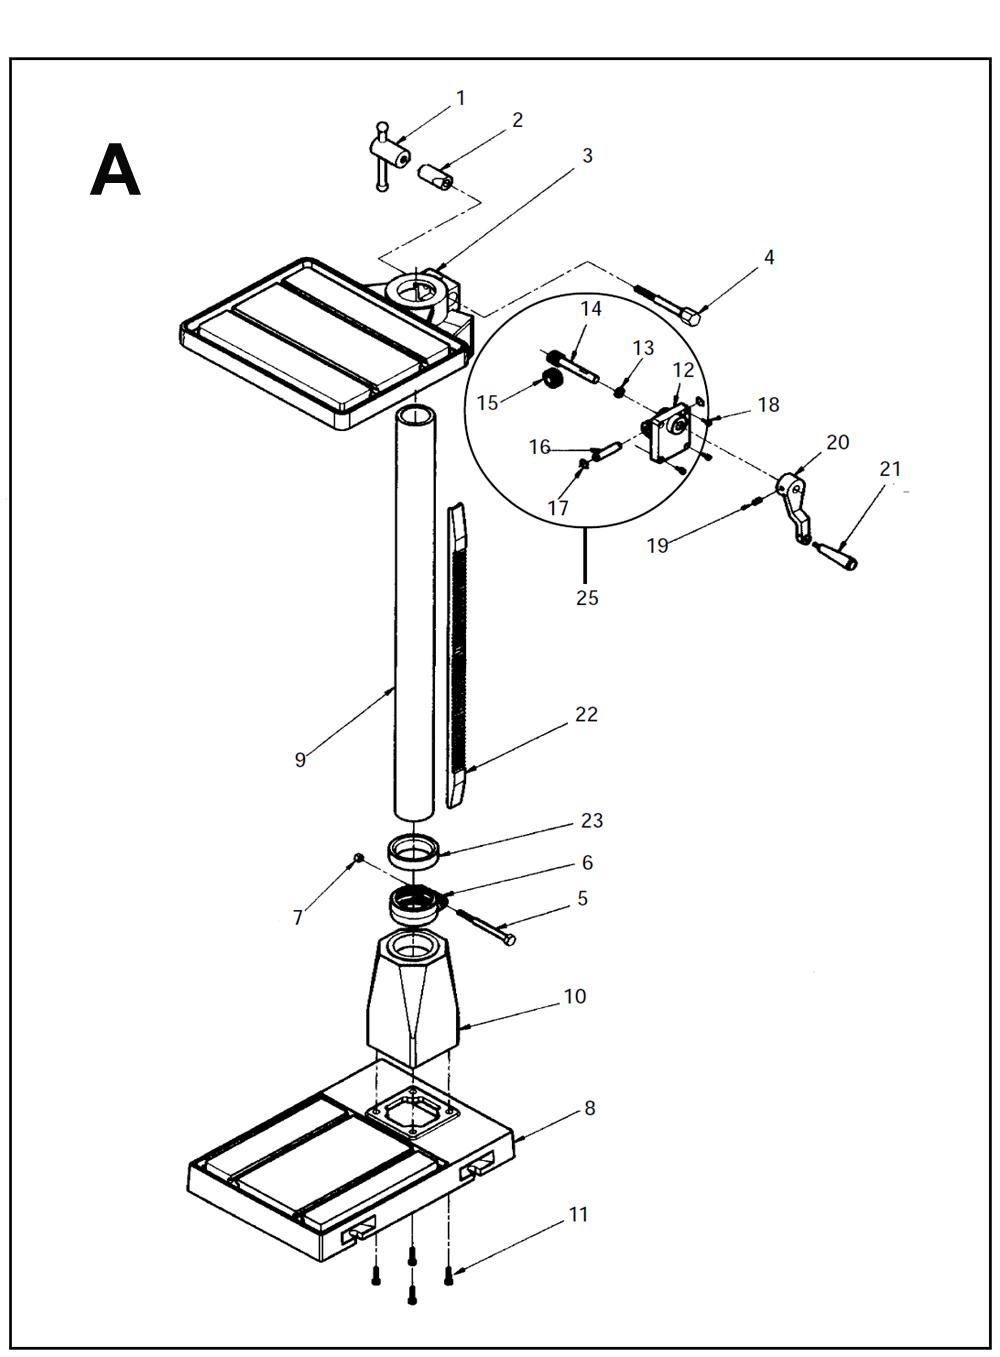 A5816-Wilton-PB-1Break Down